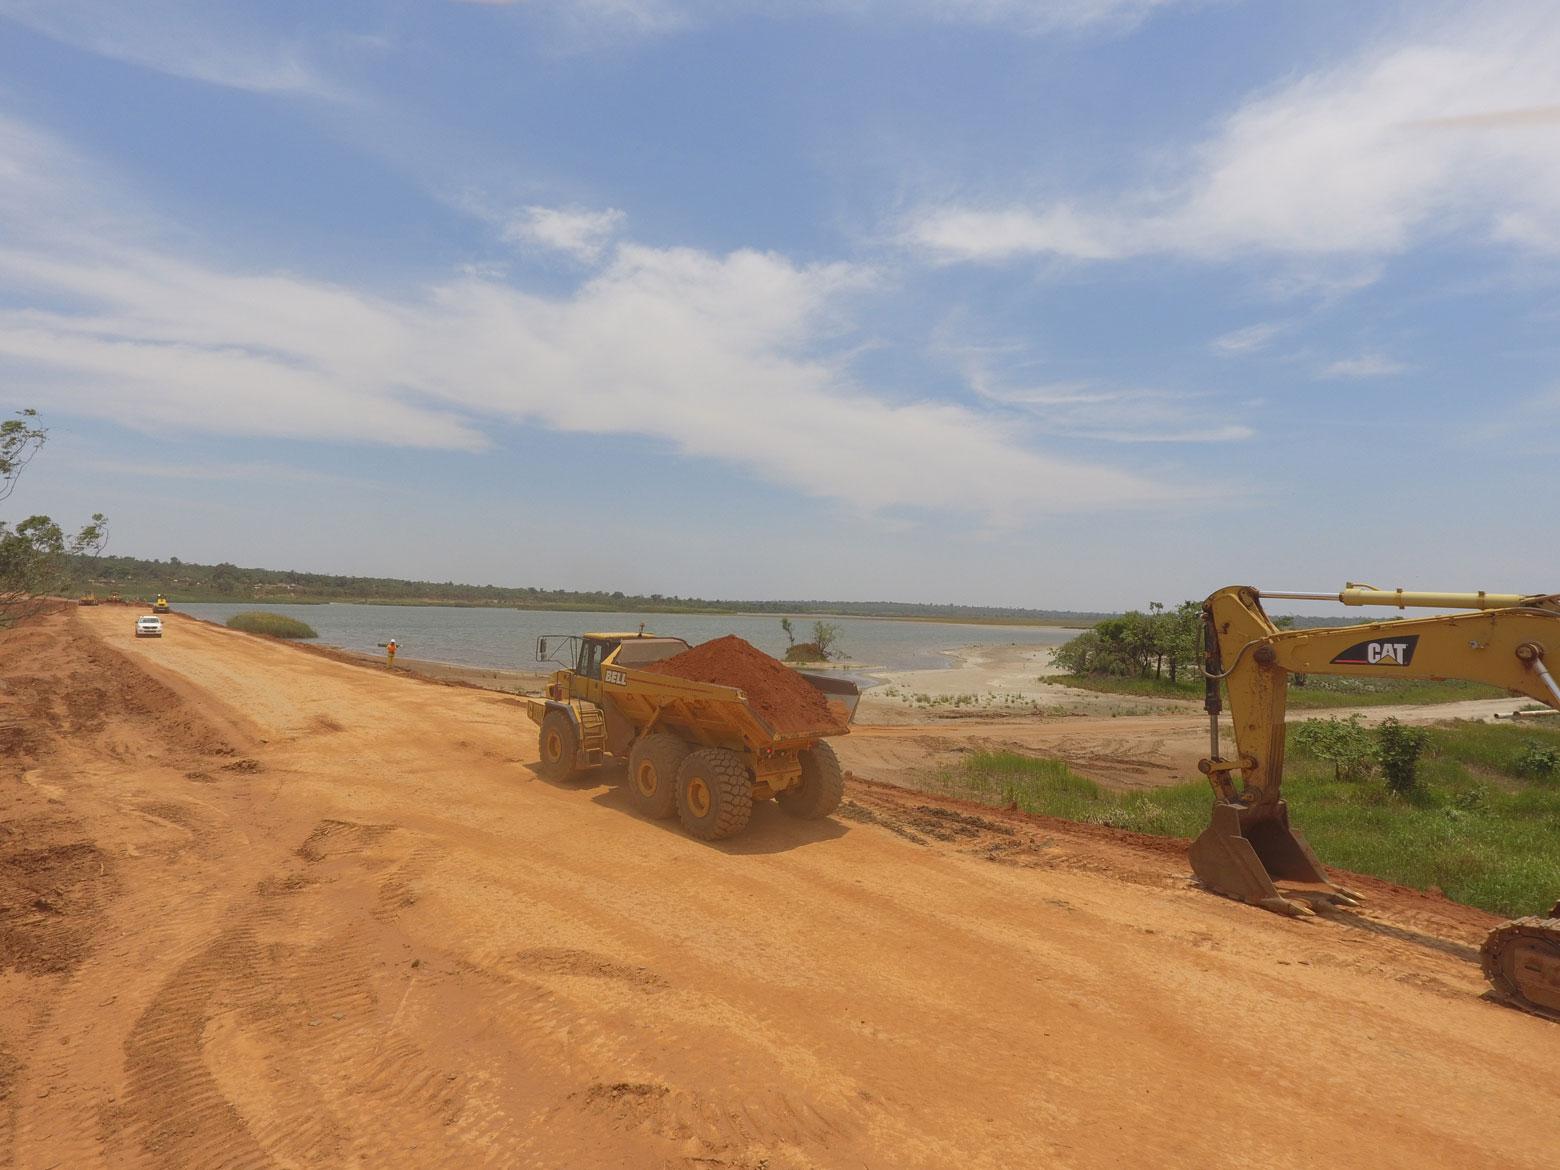 Entreprise de travaux publics en RDC